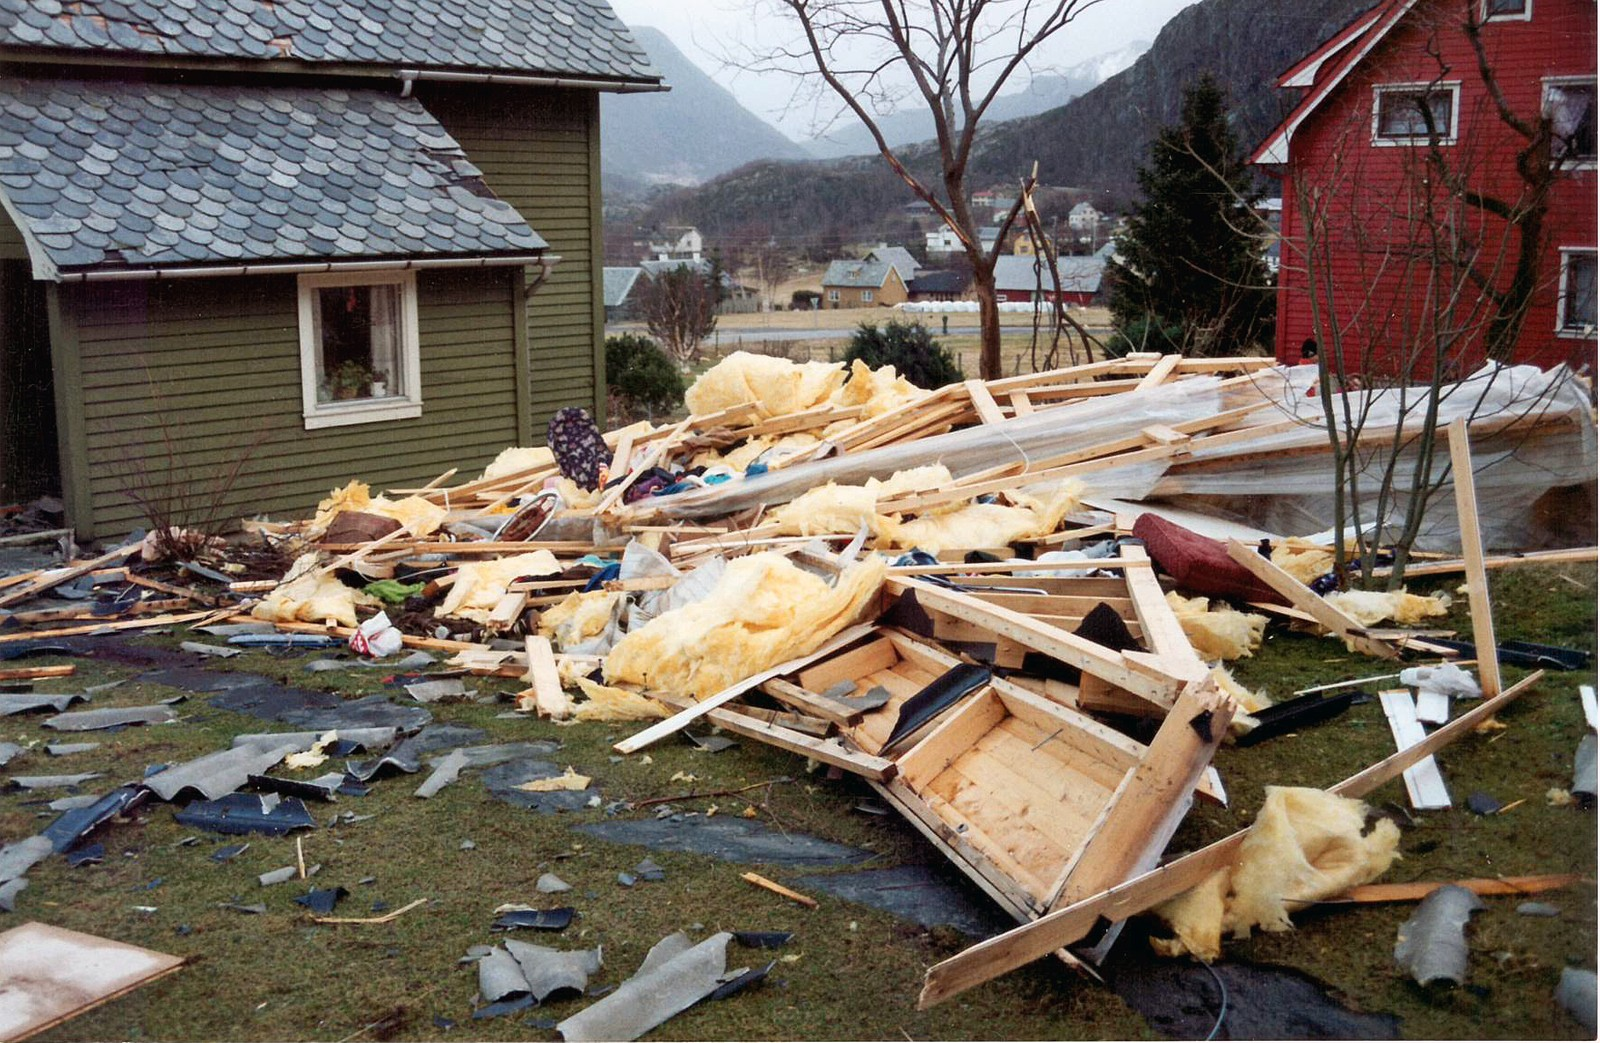 KRIGSSTI: Det såg ut som ein krigssti etter at orkanen hadde fått herja frå seg.